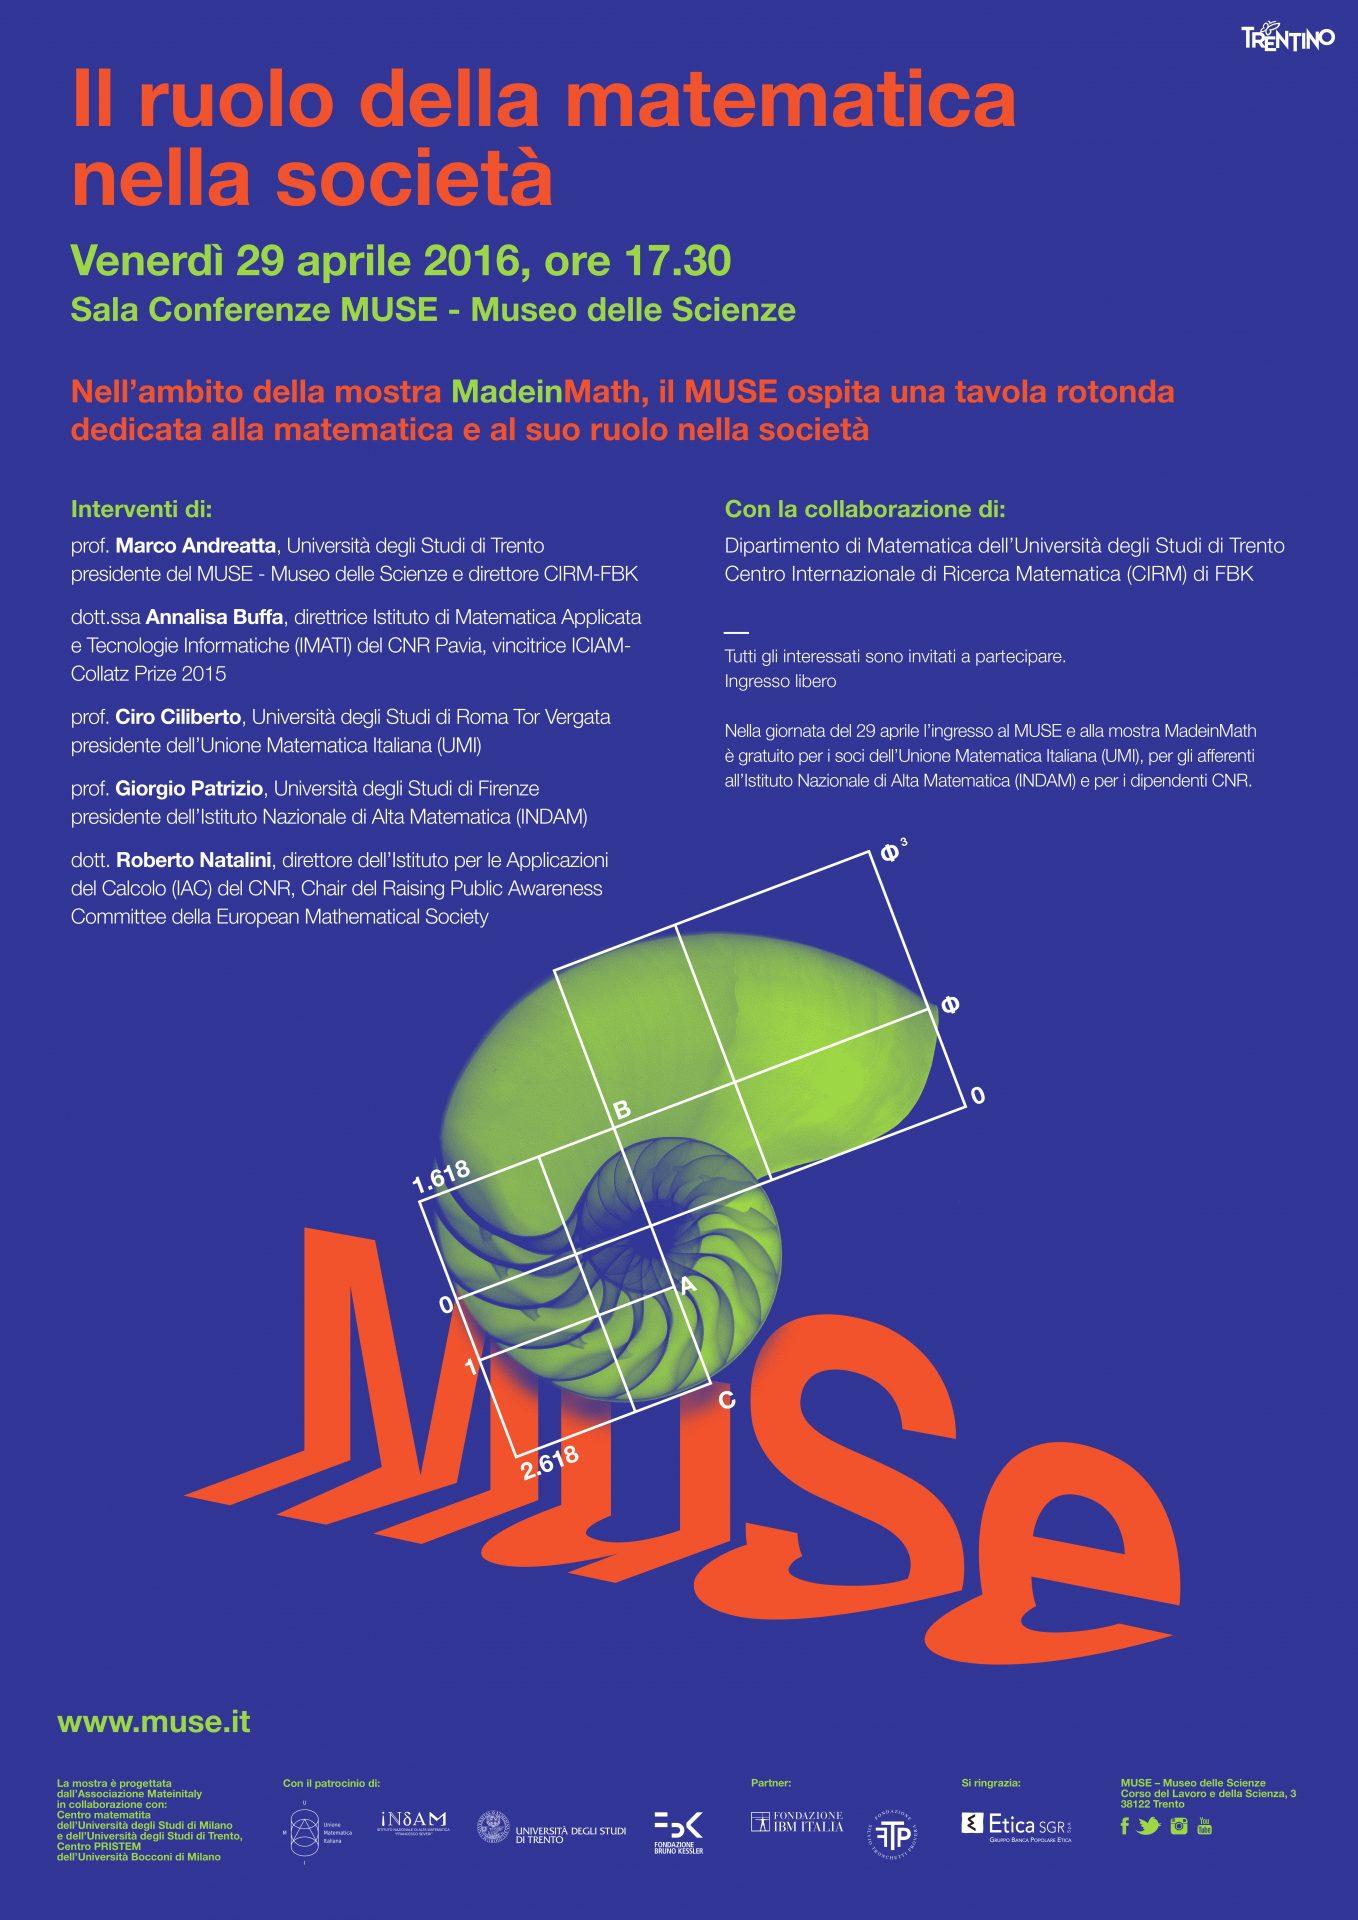 Il ruolo della matematica nella società, Venerdì 29 aprile 2016, ore 17.30 Sala Conferenze MUSE – Museo delle Scienze di Trento